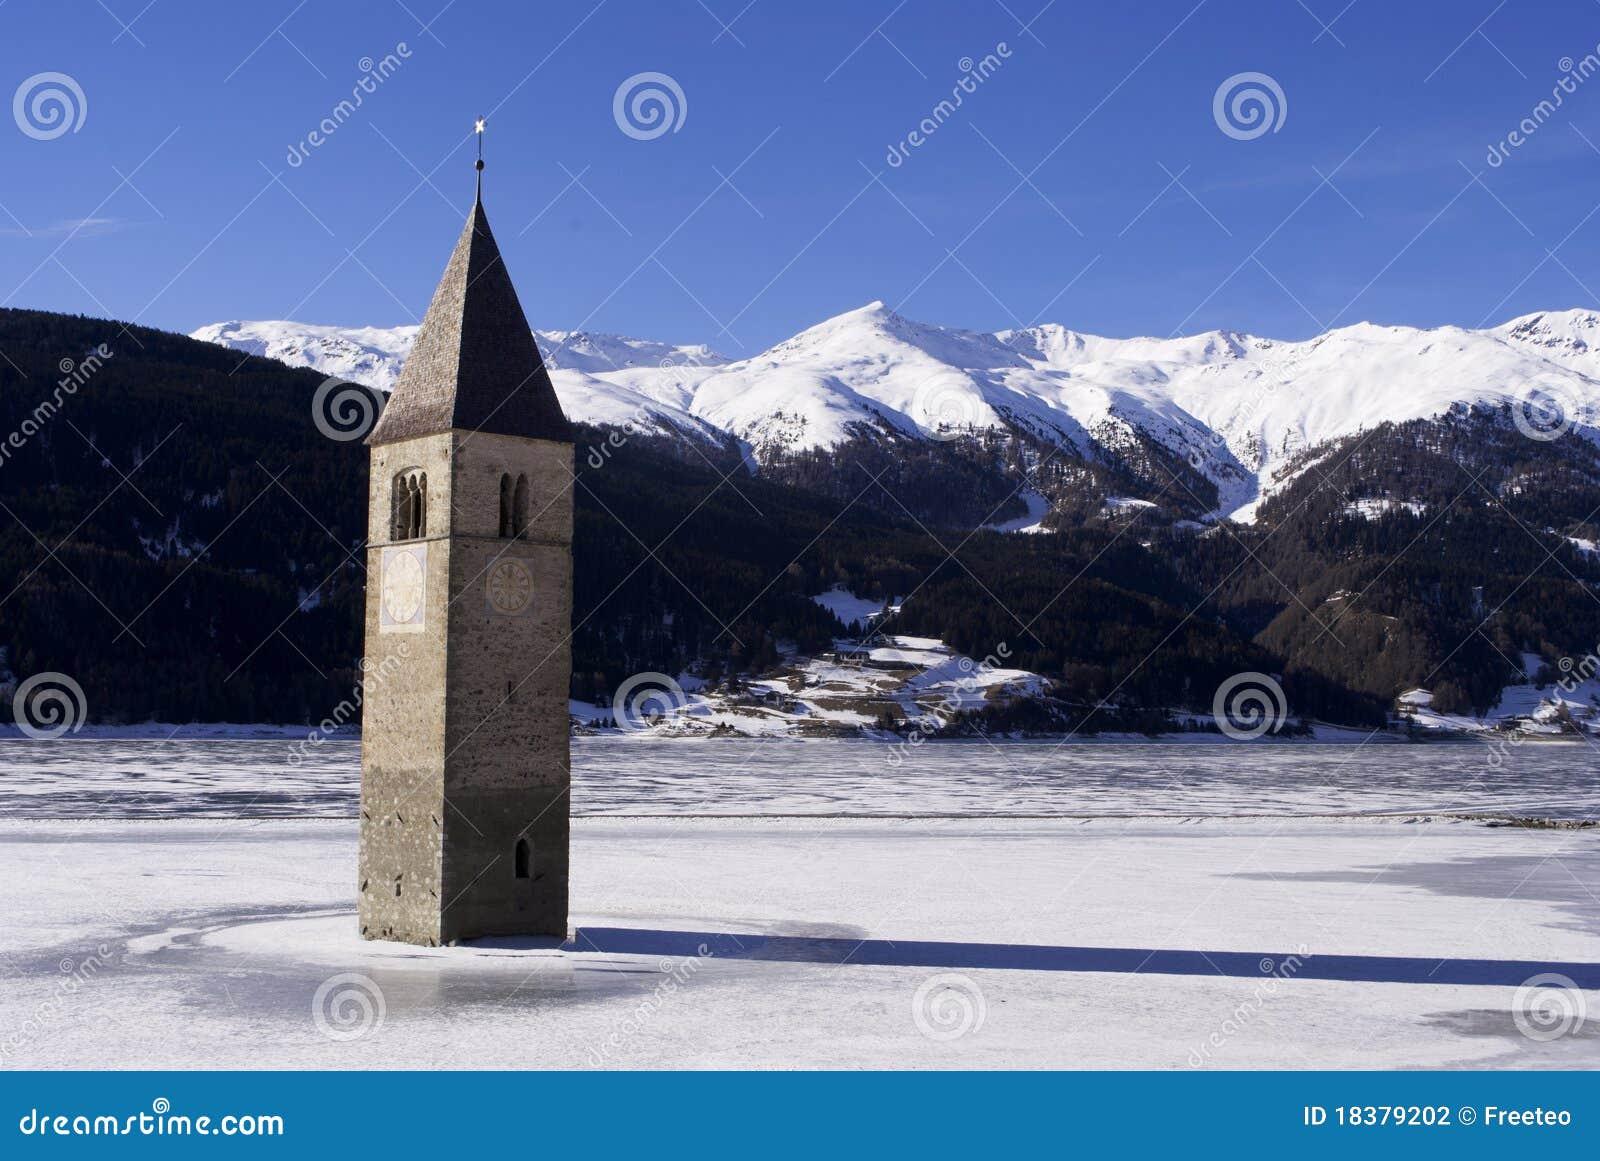 Ghiaccio della torretta di Bell